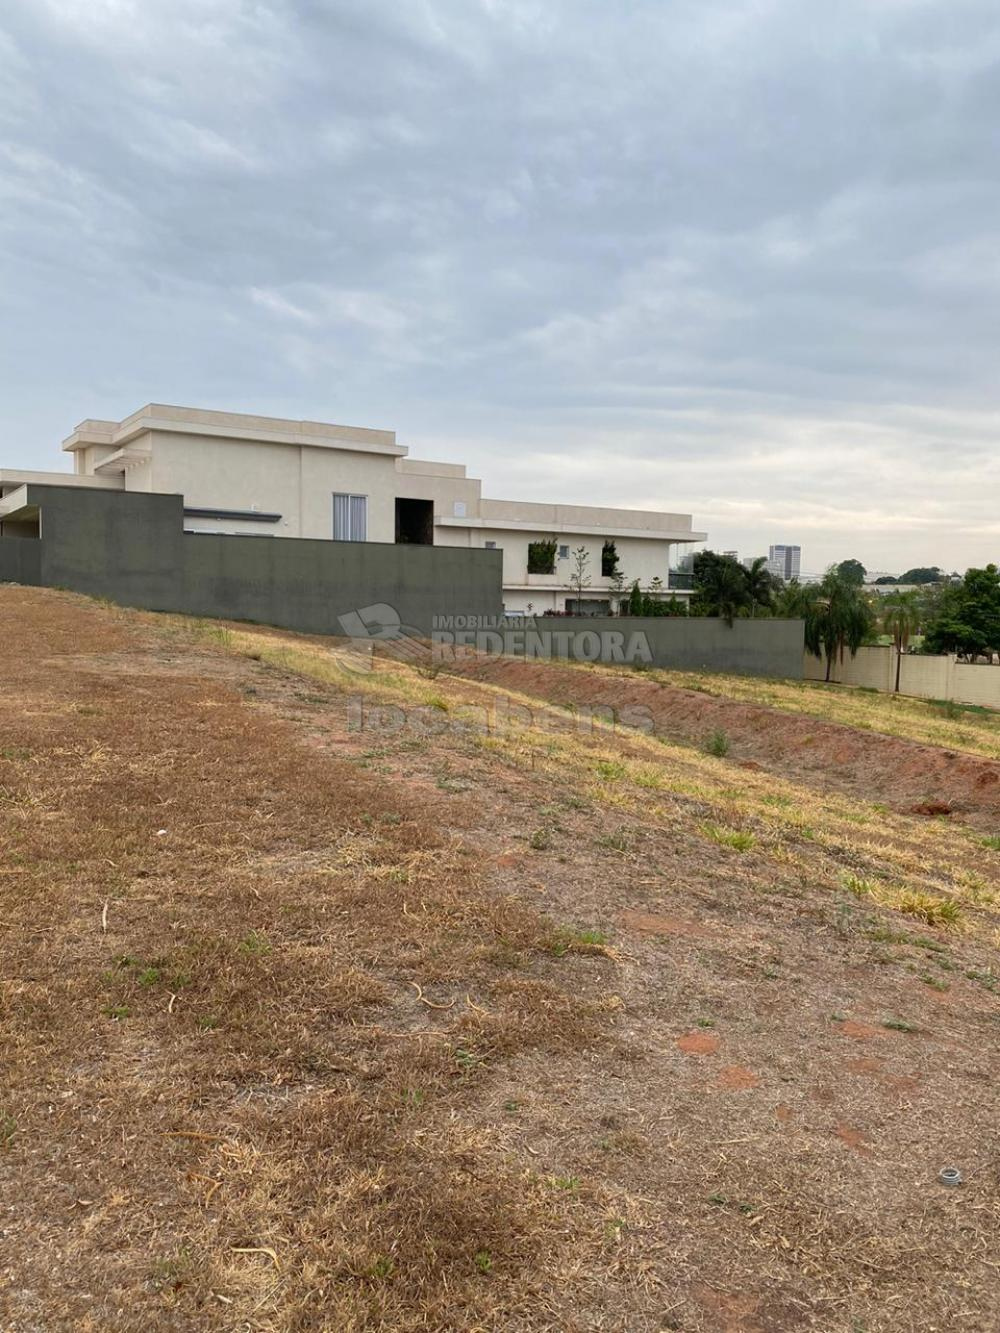 Comprar Terreno / Condomínio em São José do Rio Preto R$ 1.000.000,00 - Foto 5